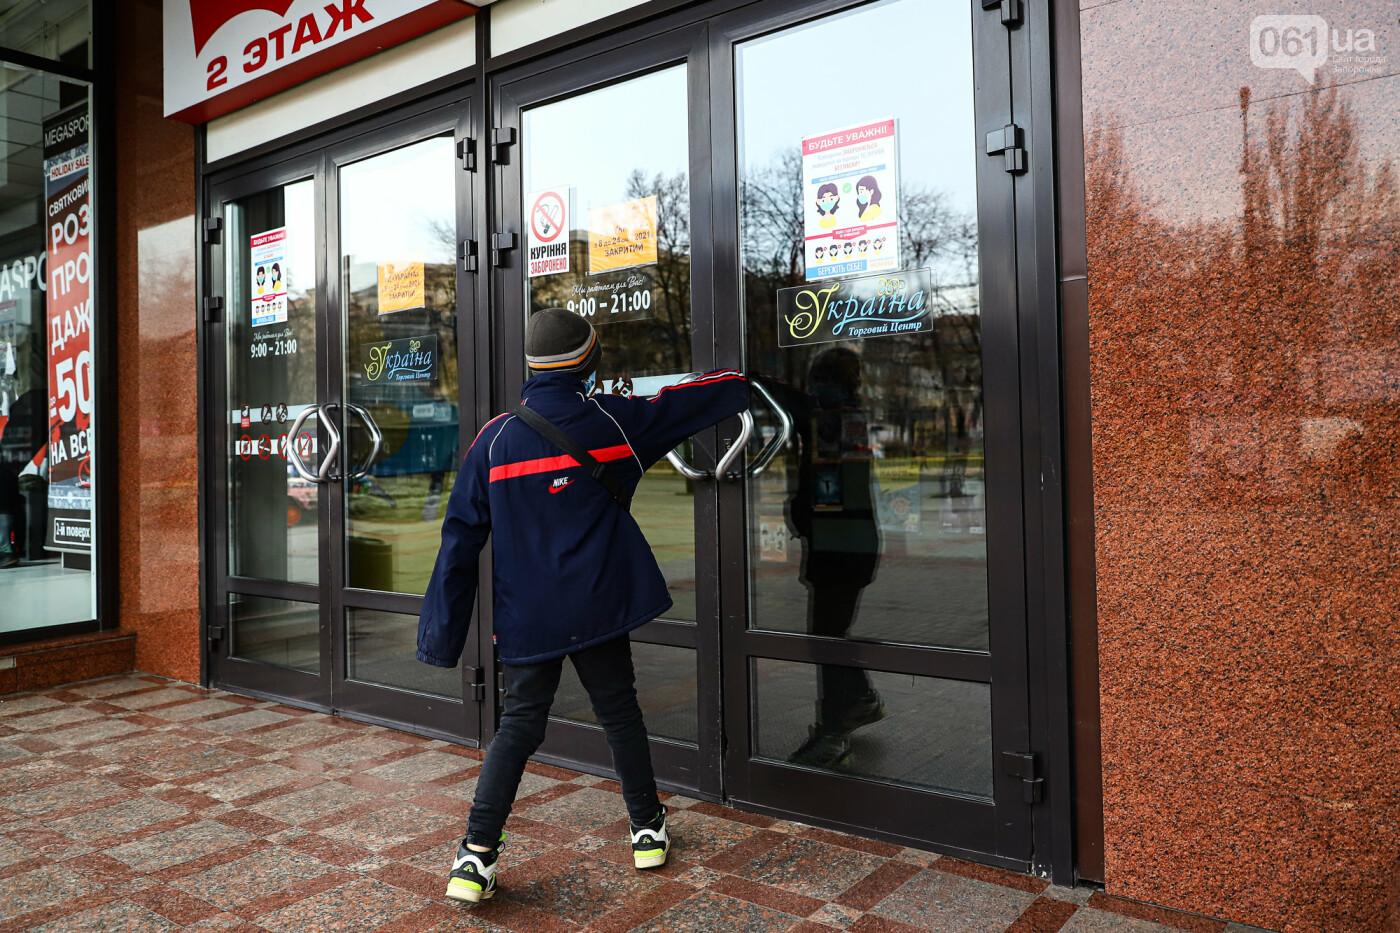 Защитные ленты на товарах, неработающие ТРЦ и полузакрытые рынки – фоторепортаж о первом дне локдауна в Запорожье, фото-2